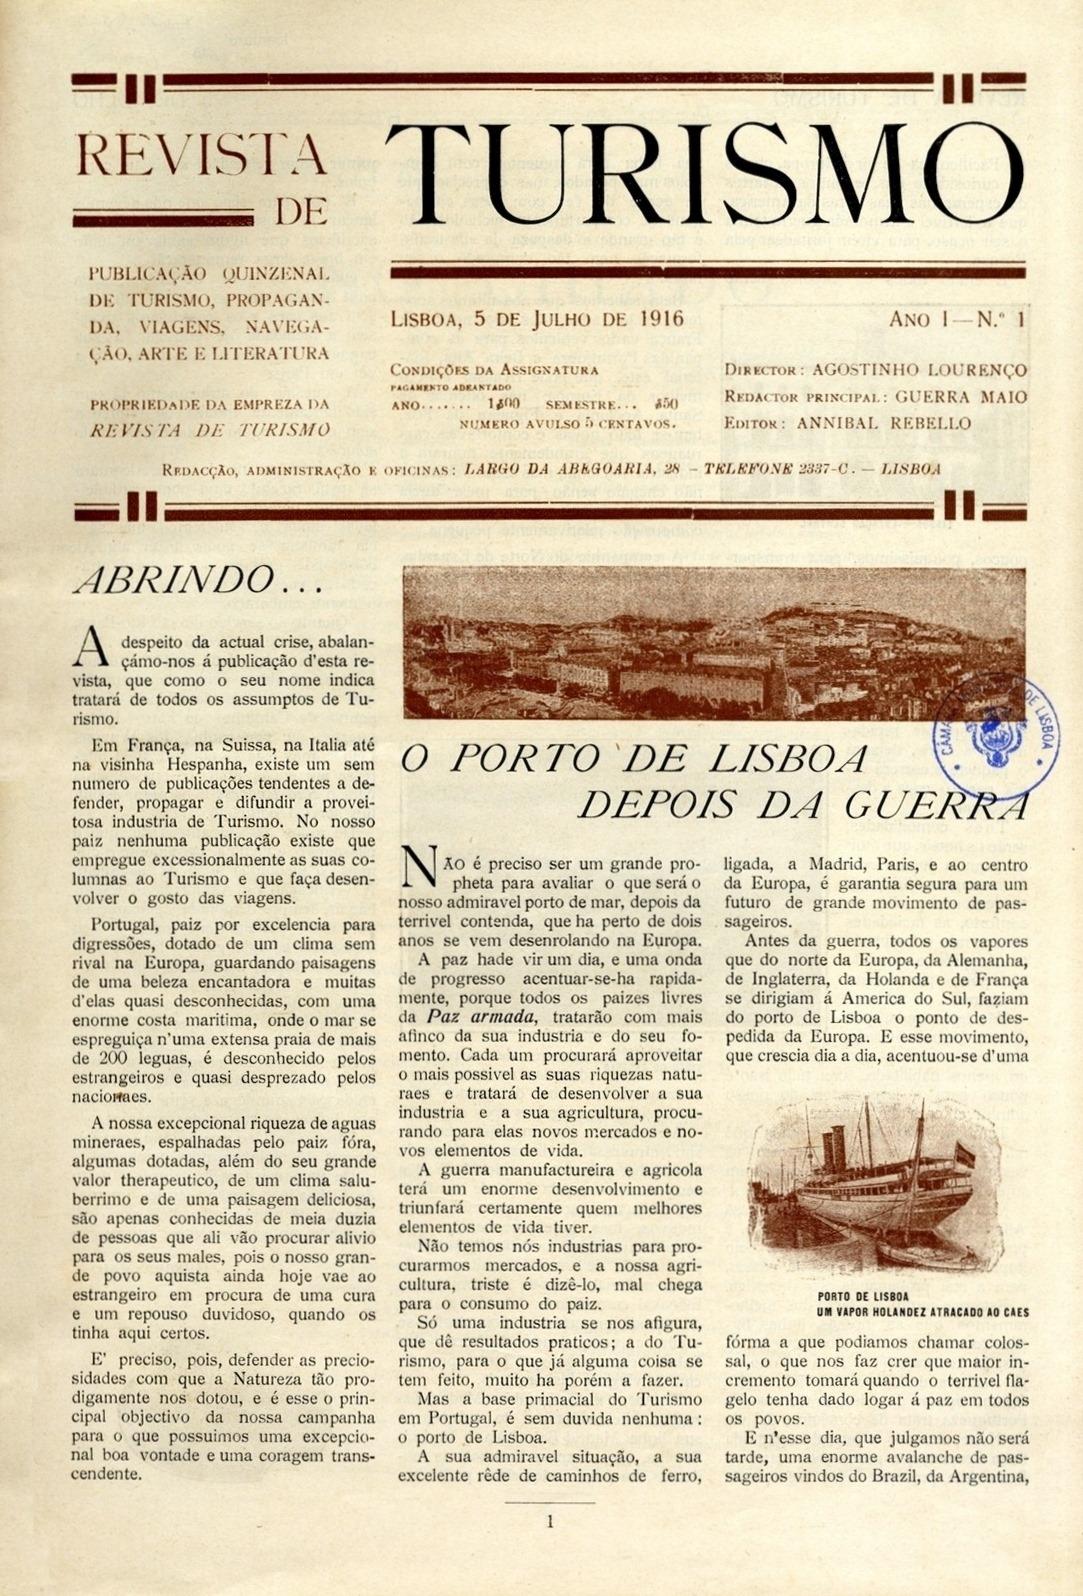 [Revista-de-Turismo27]